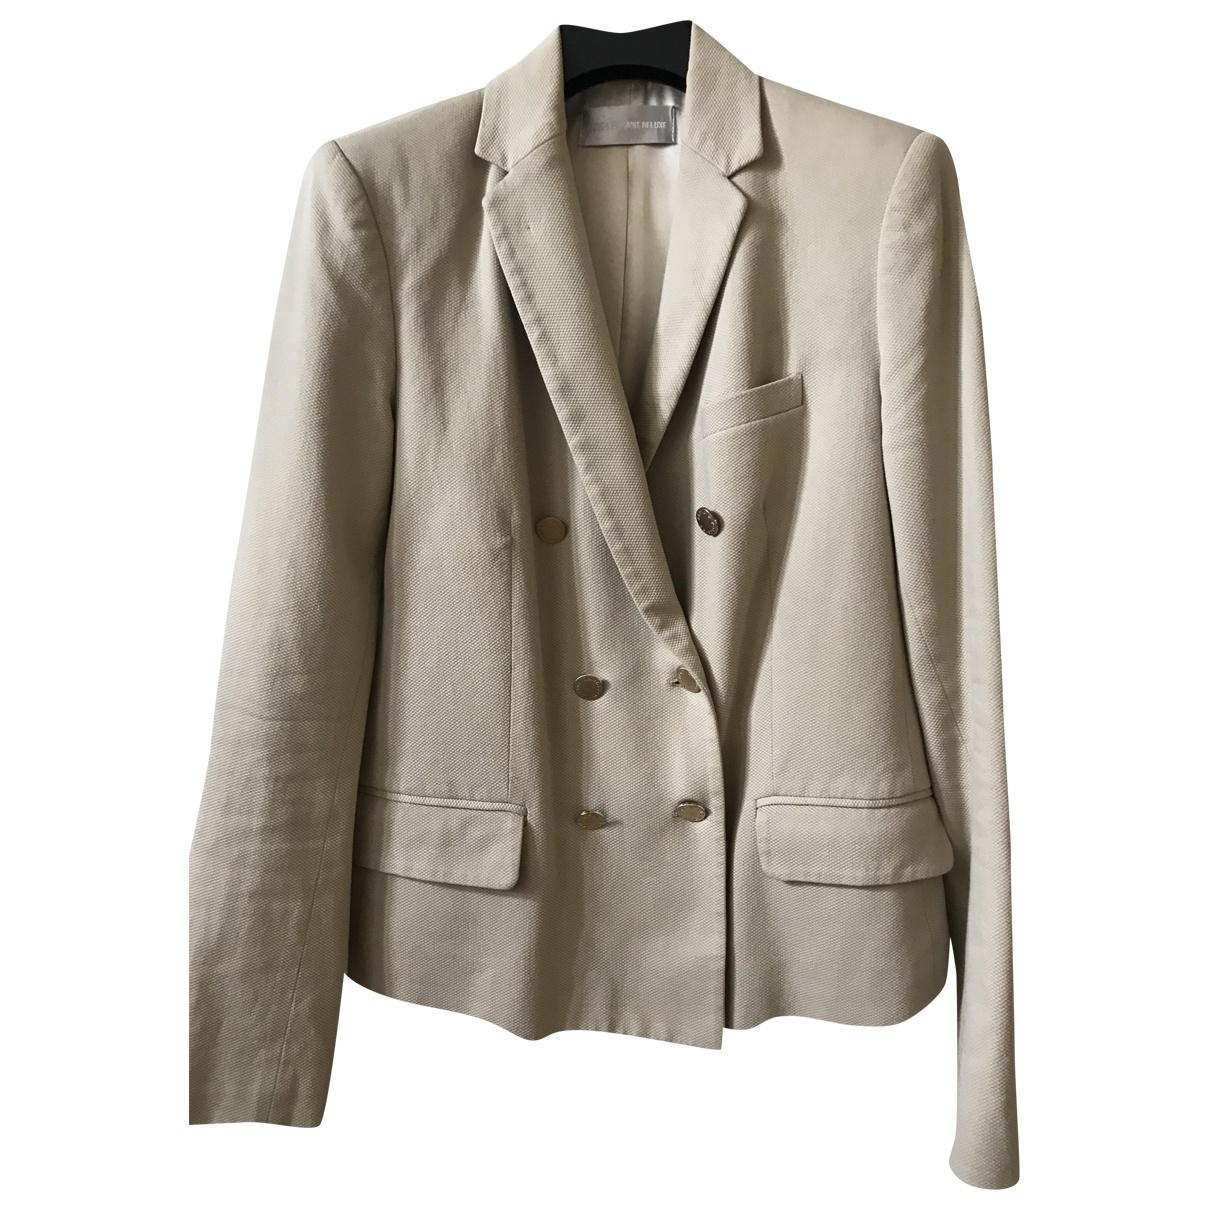 Zadig & Voltaire \N Beige Cotton jacket for Women L International